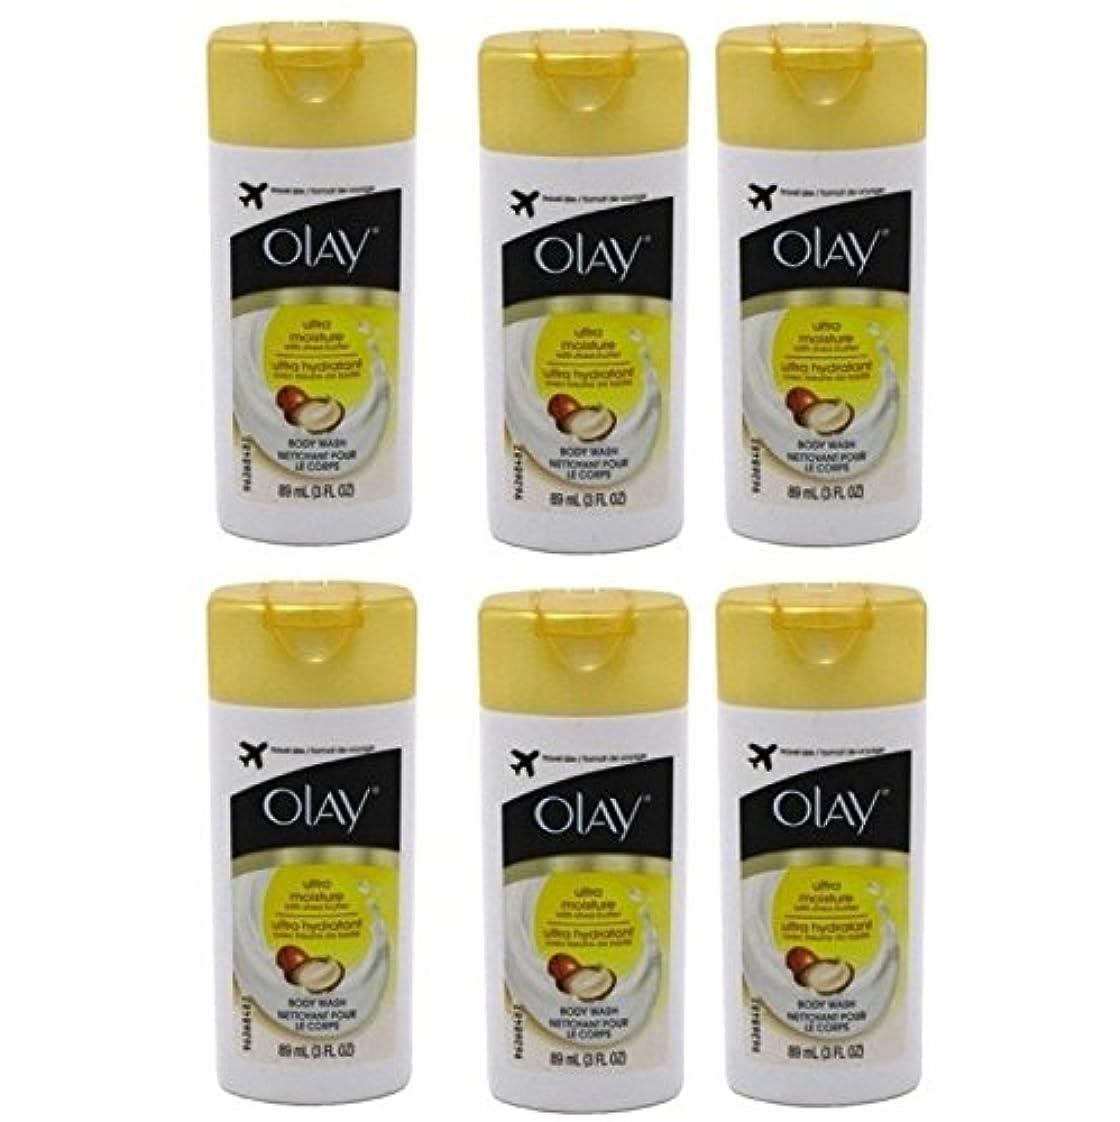 ミンチ検閲信頼性Olay Ultra Moisture Body Wash 3oz Travel Size by Olay